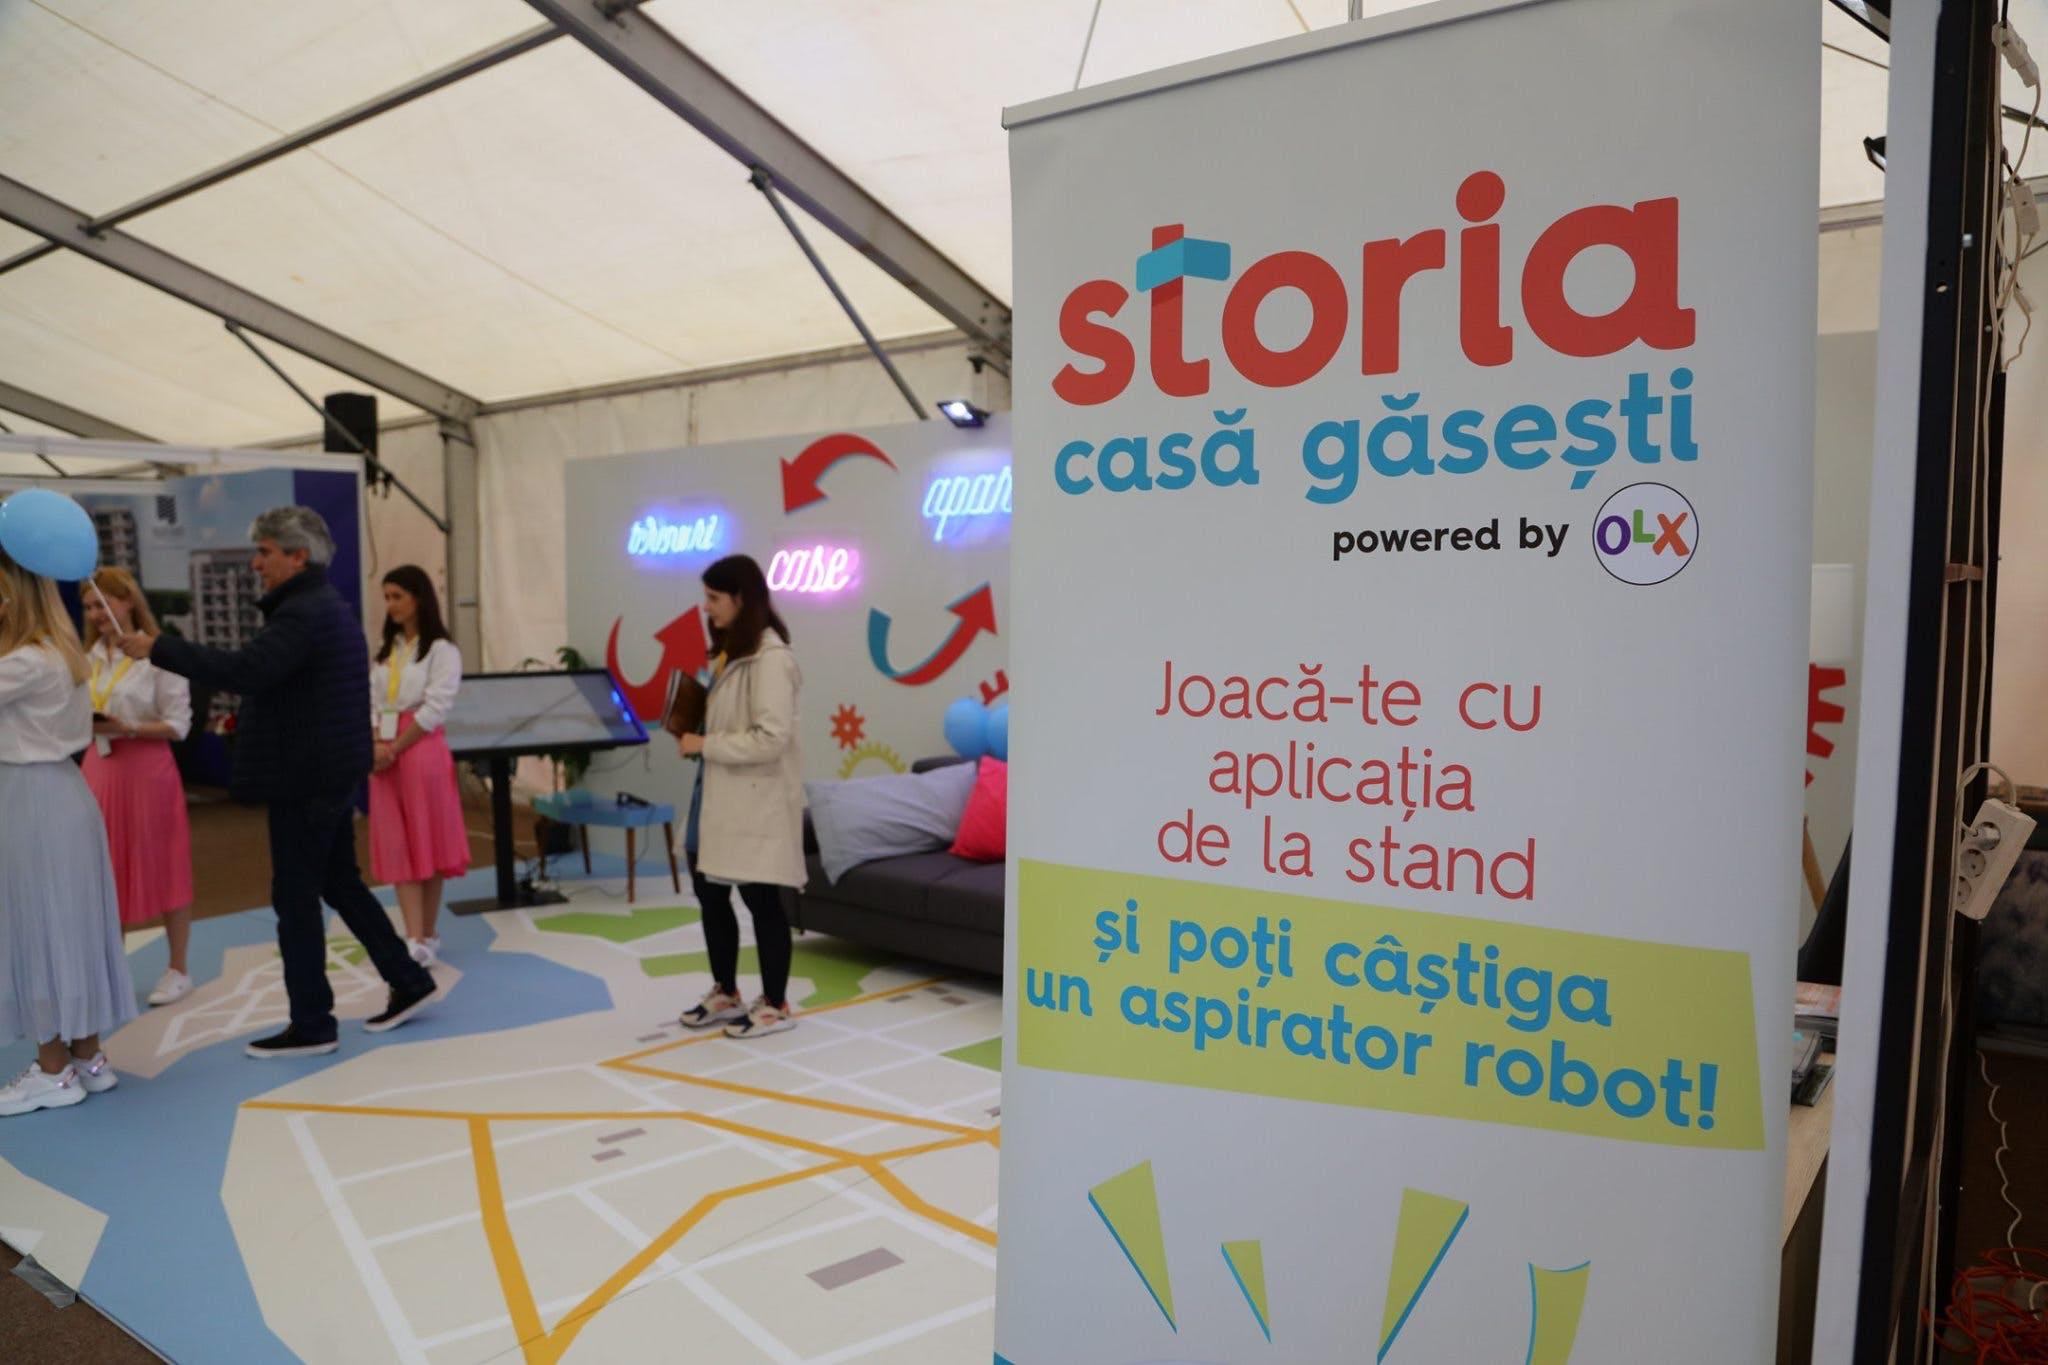 Câștigă un aspirator robot la standul Storia.ro de la Imobiliarium!